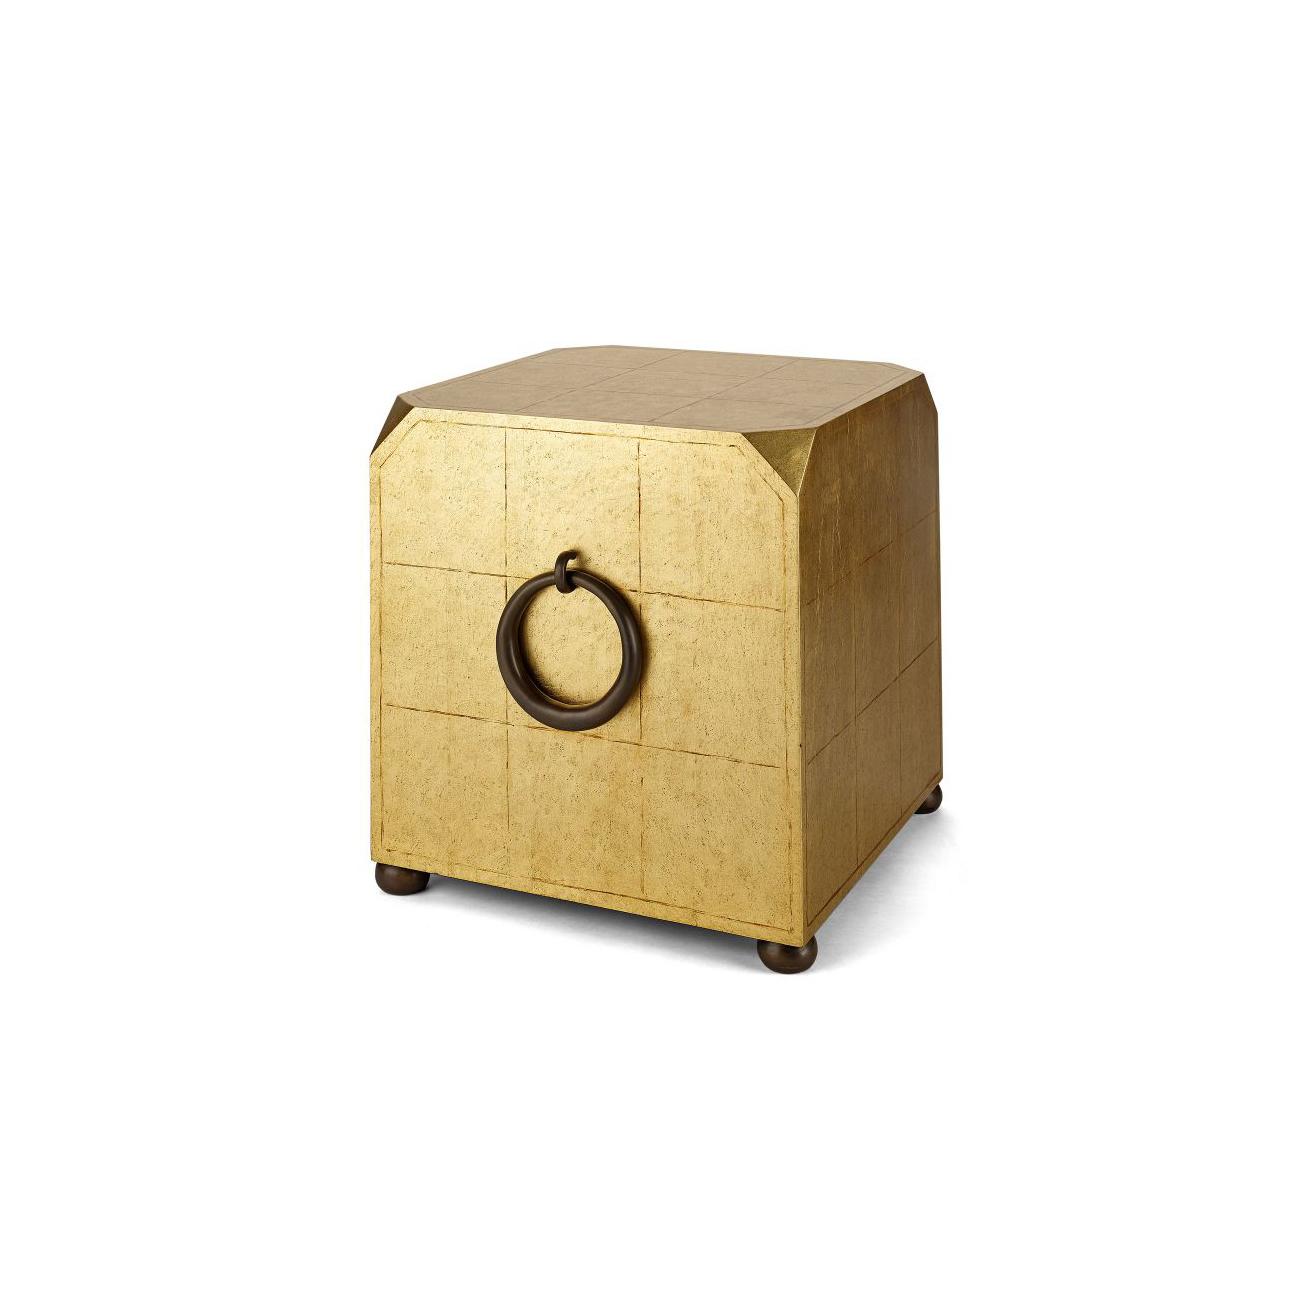 Cubo Side Tableby Jean De Merry